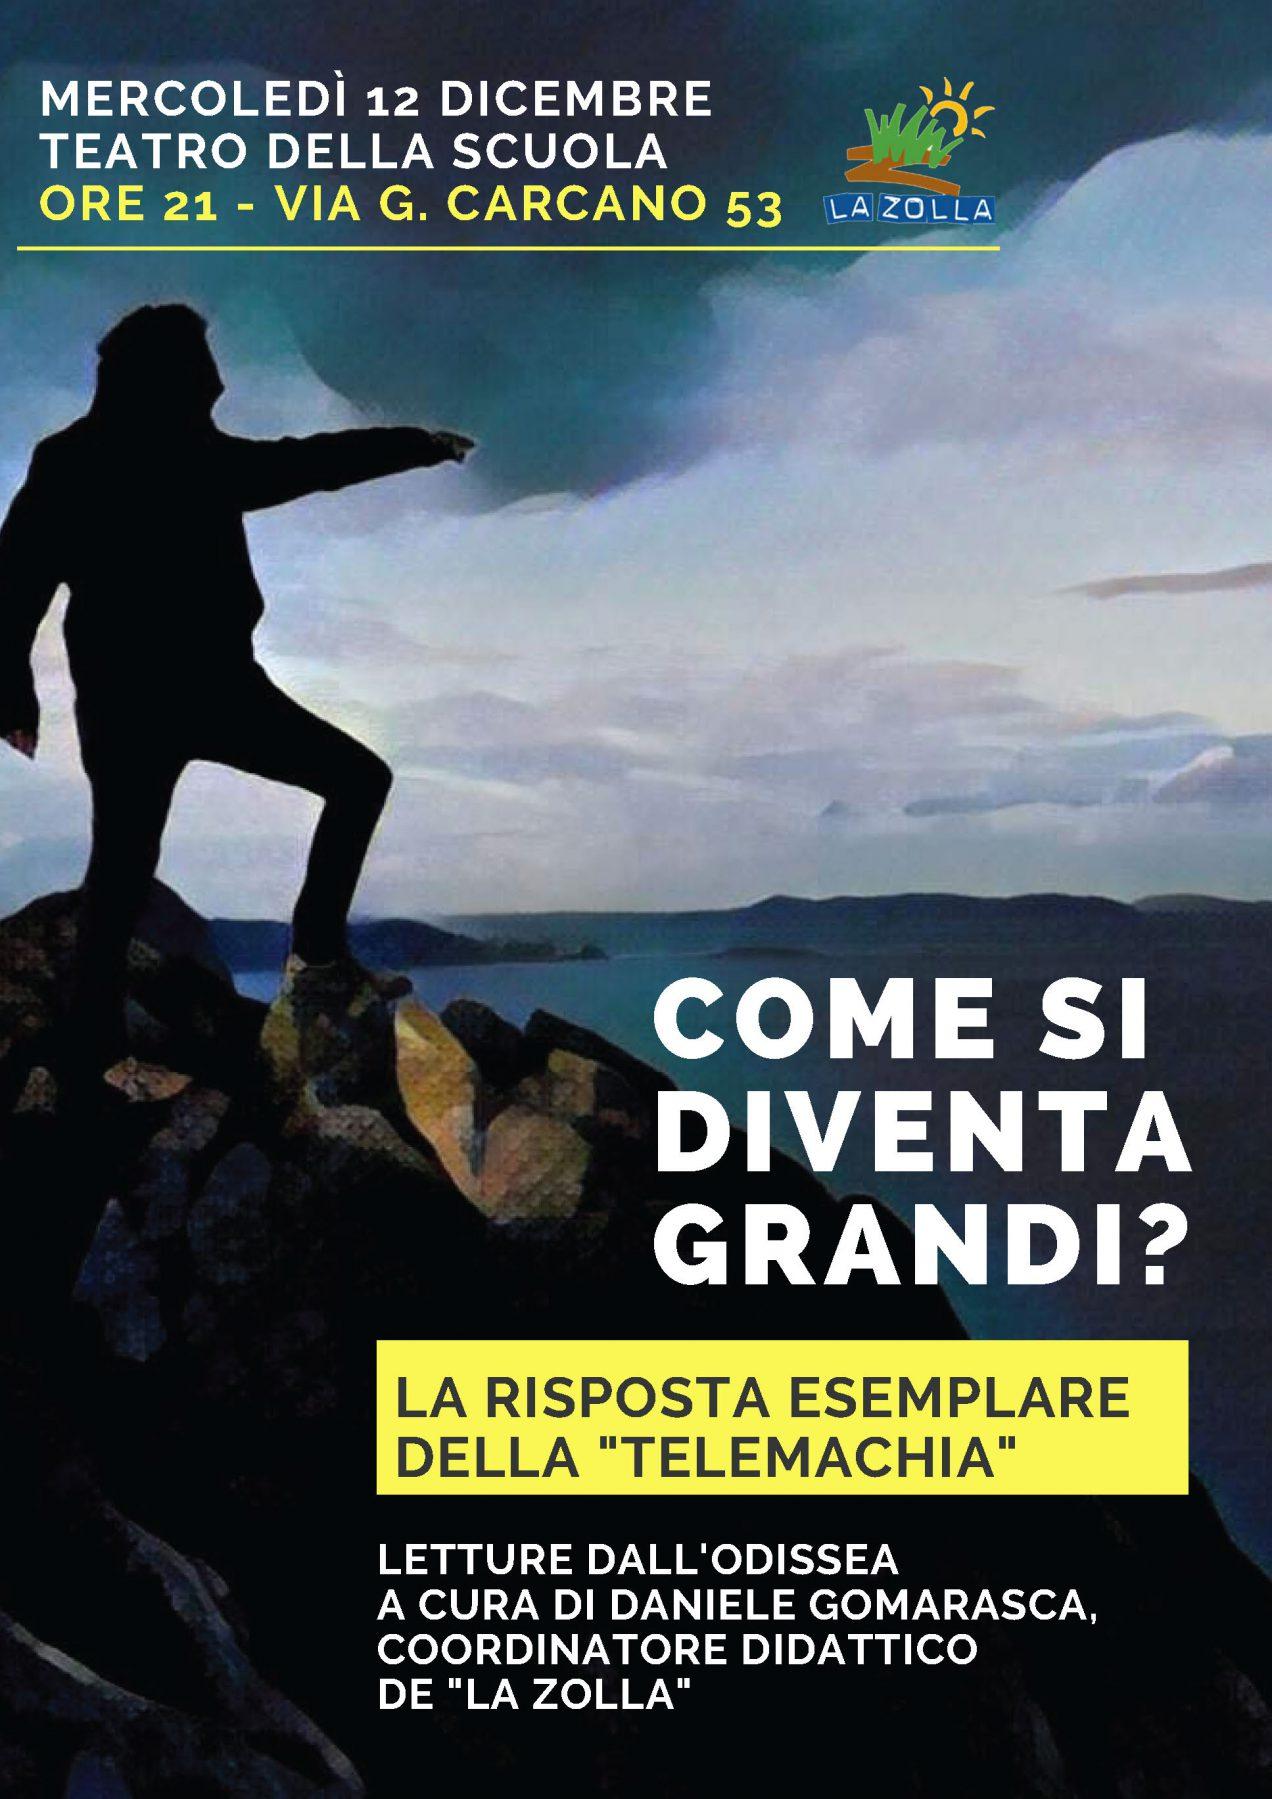 COME SI DIVENTA GRANDI_12 DICEMBRE